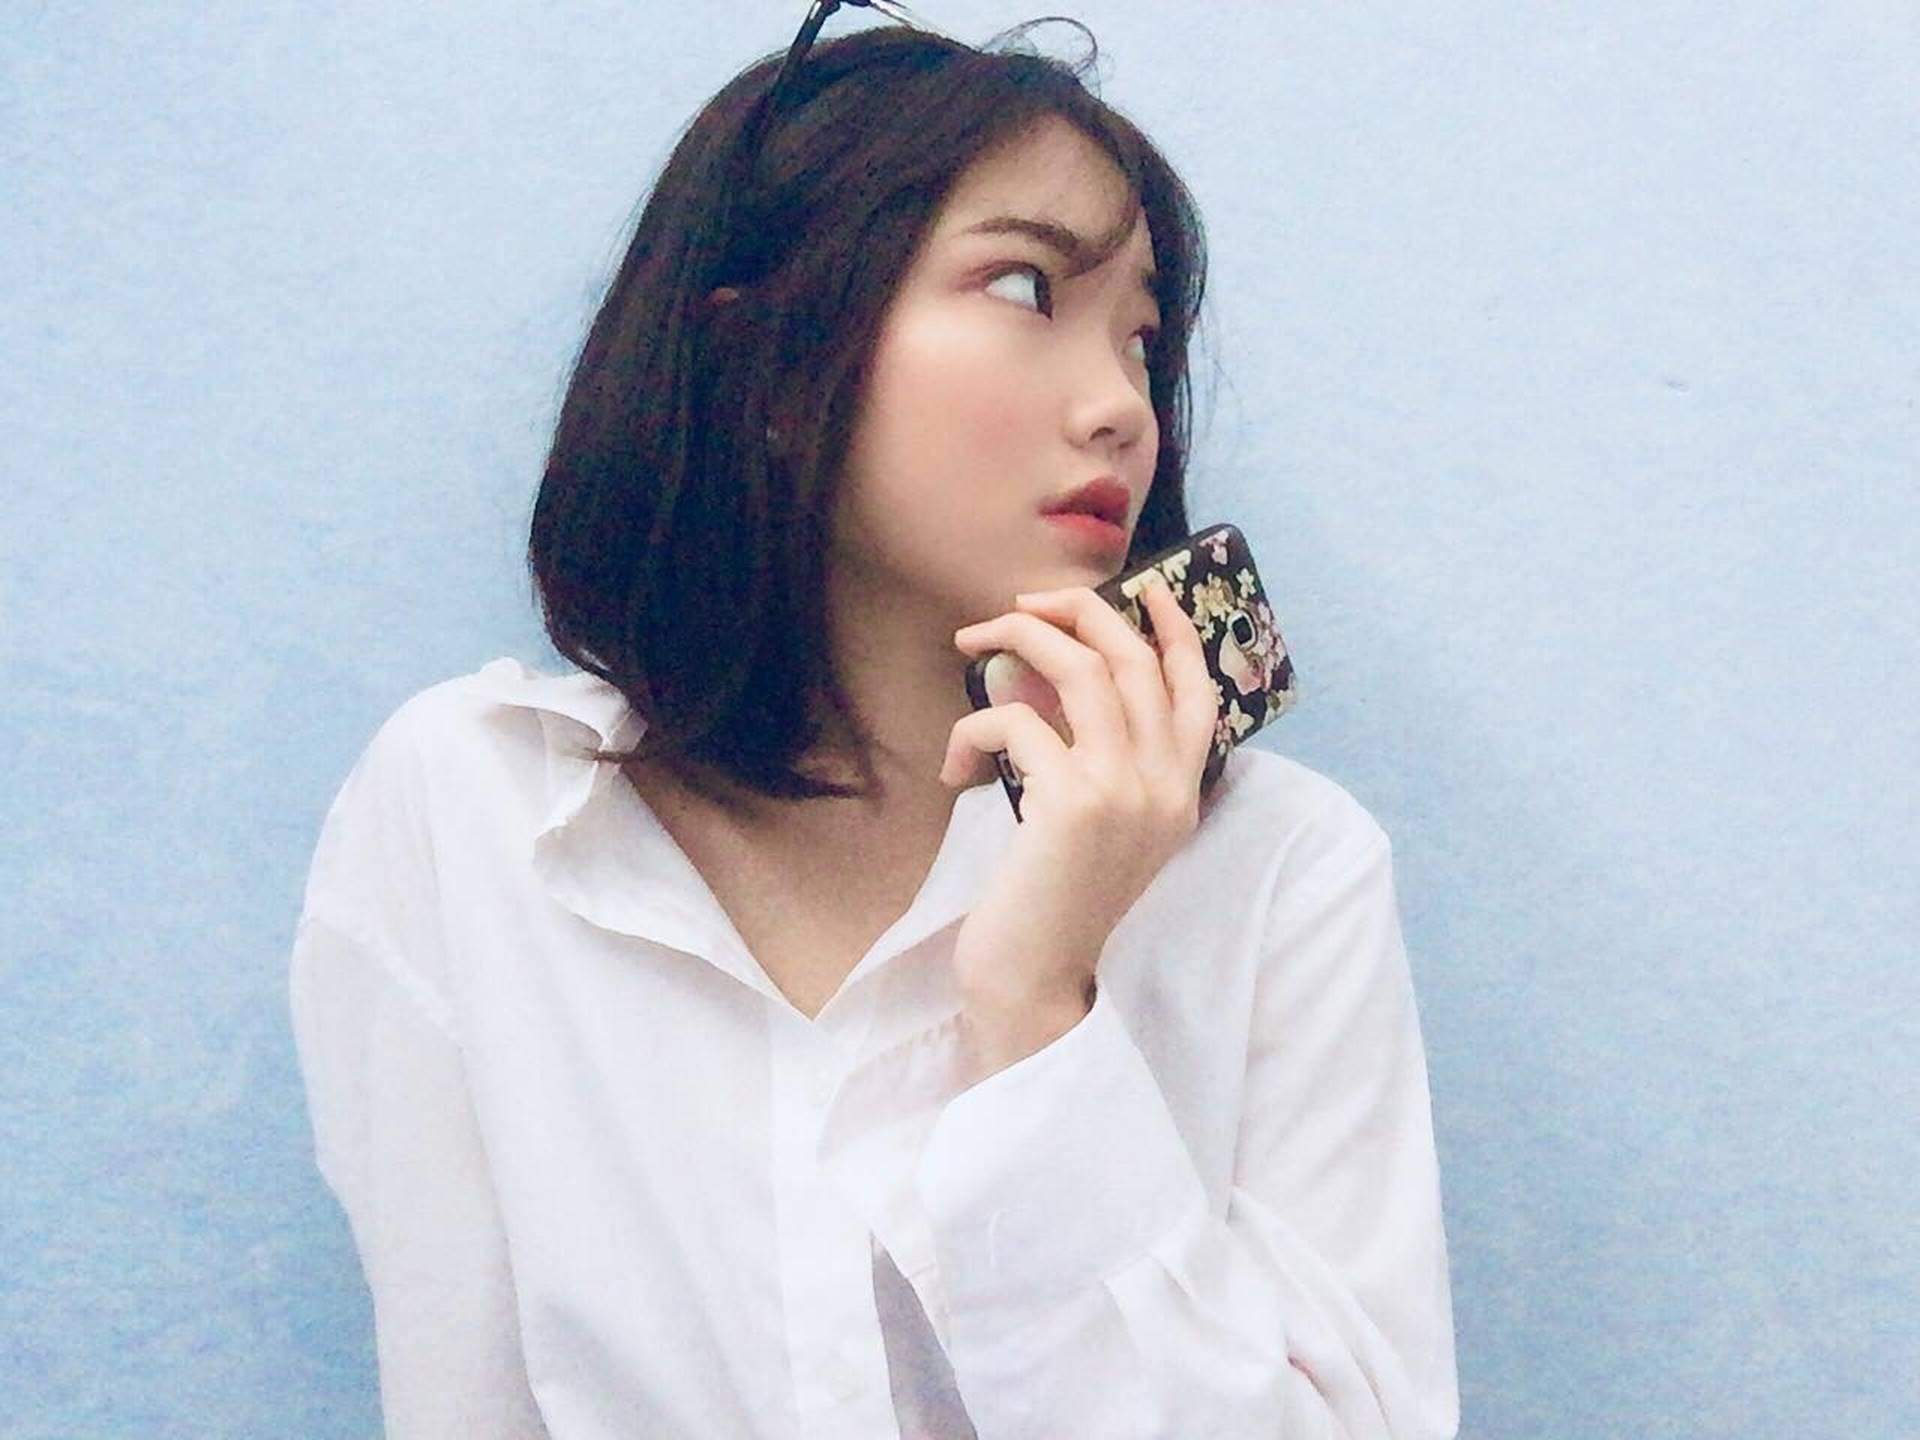 Nữ sinh Thanh Hoá nổi như cồn với bức ảnh thẻ xinh như hotgirl, đã vậy còn học giỏi, hát hay và là cao thủ võ thuật-4